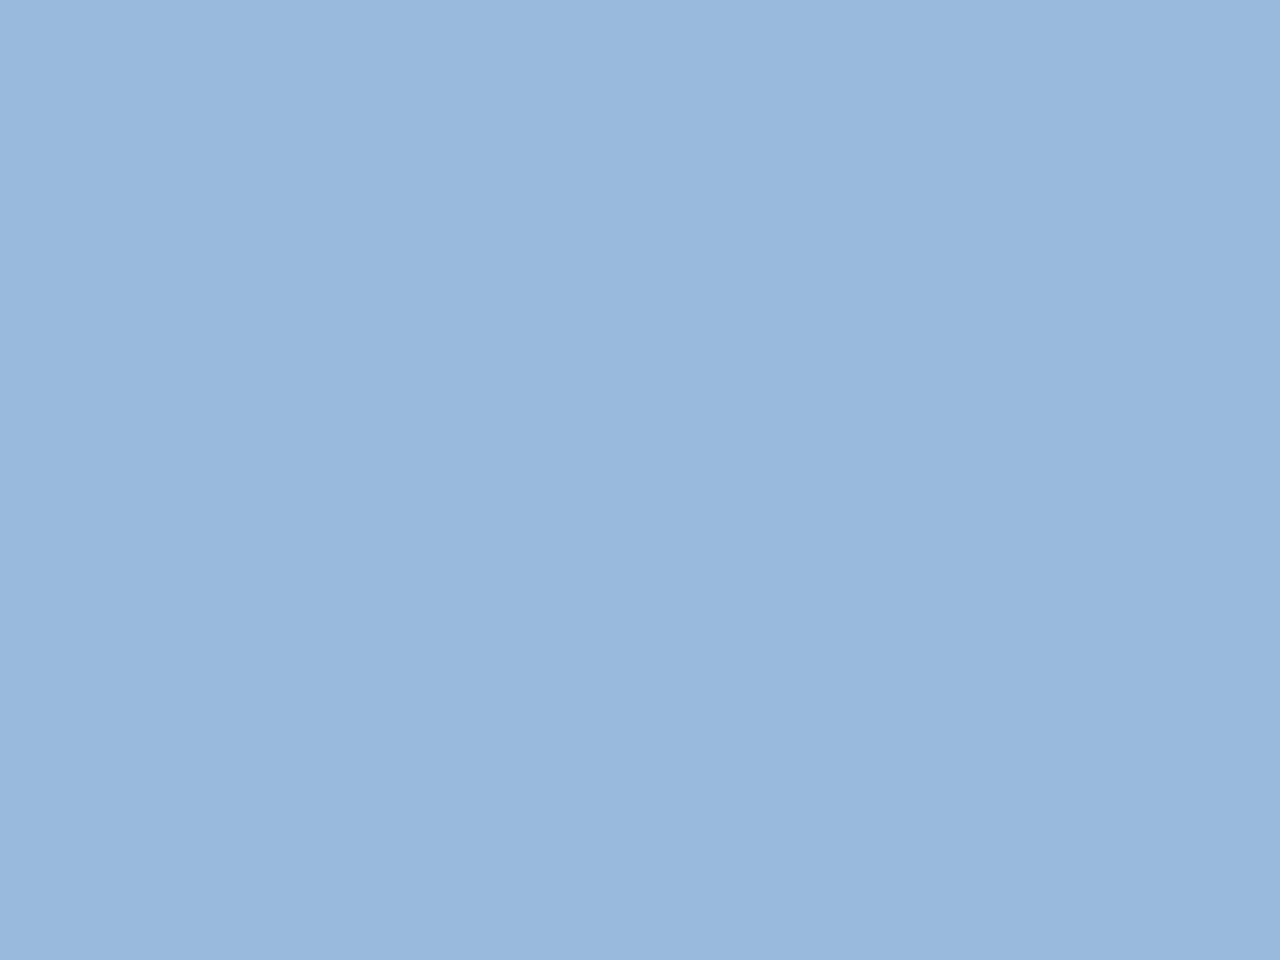 1280x960 Carolina Blue Solid Color Background